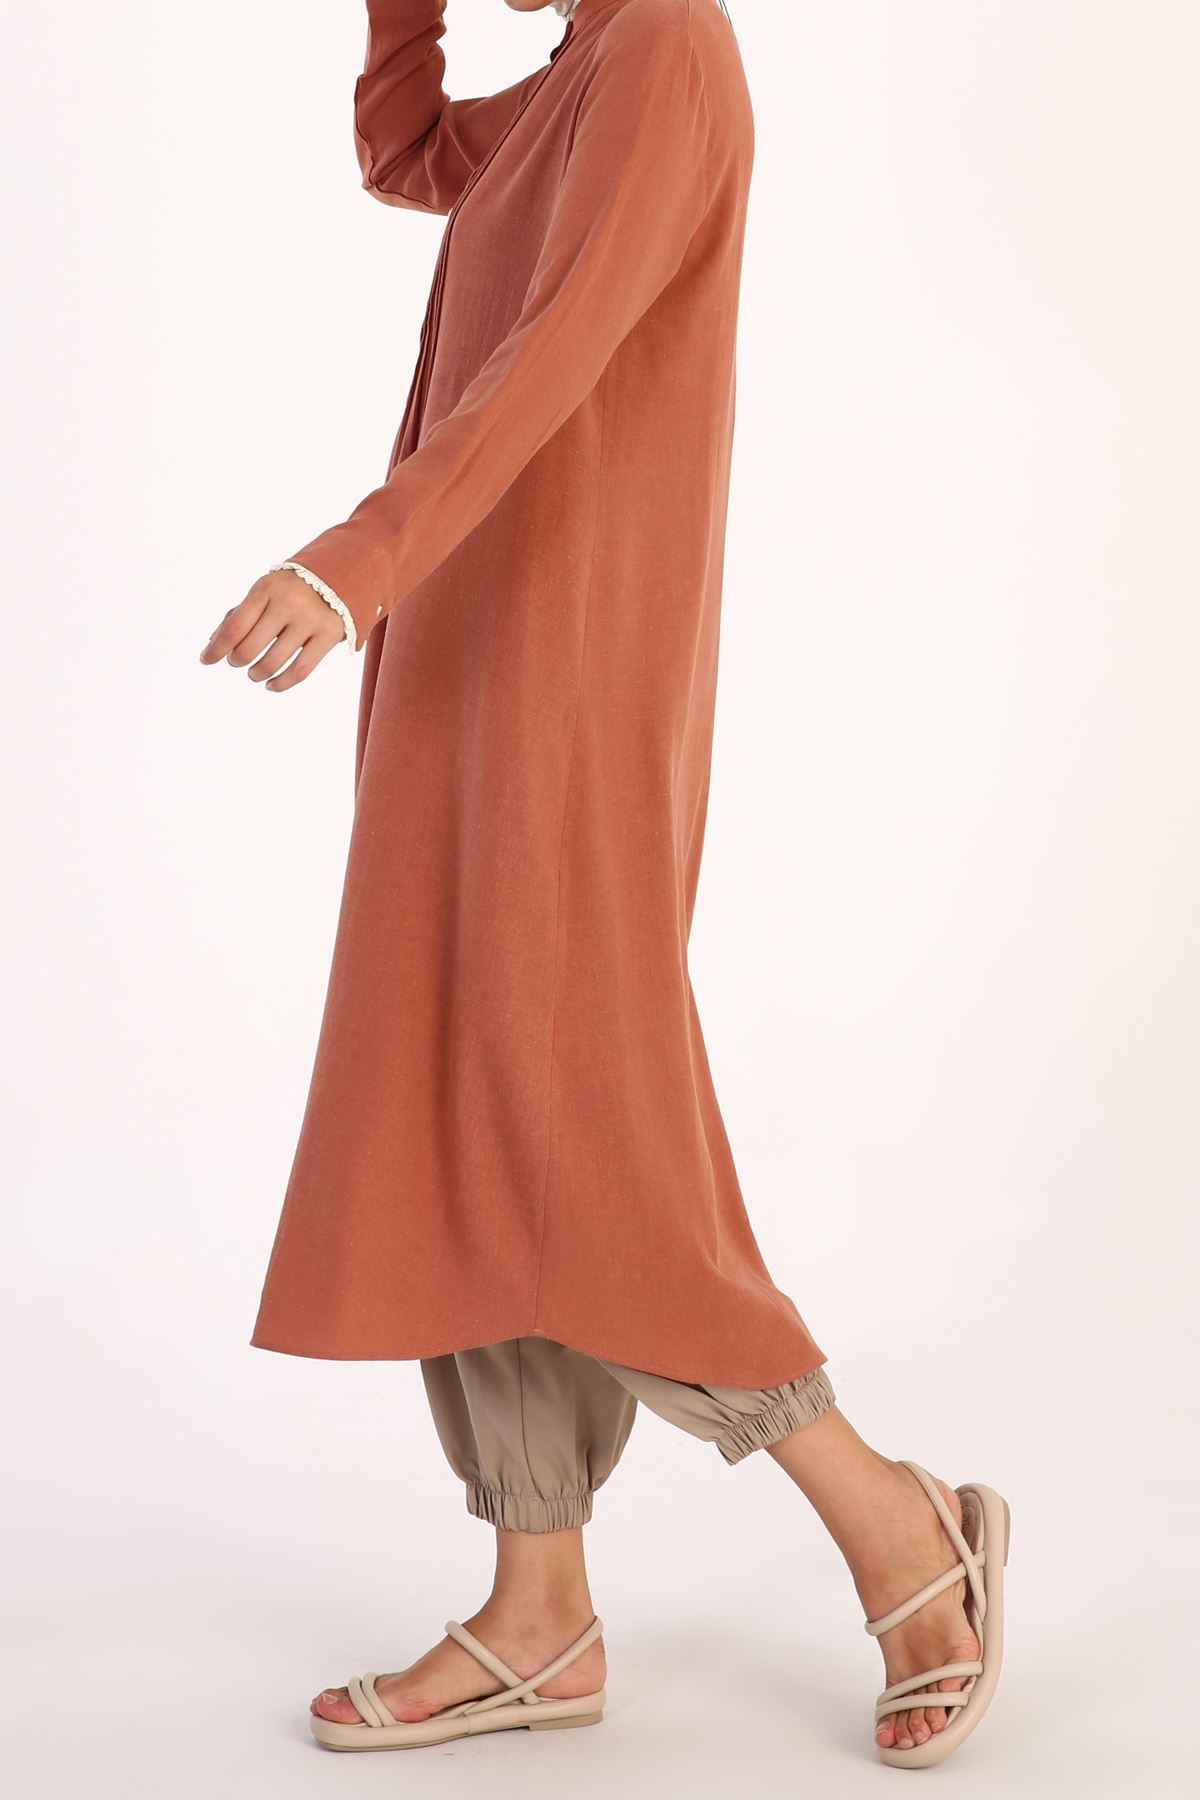 Kadın Nervürlü Tensel Tunik-gül kurusu